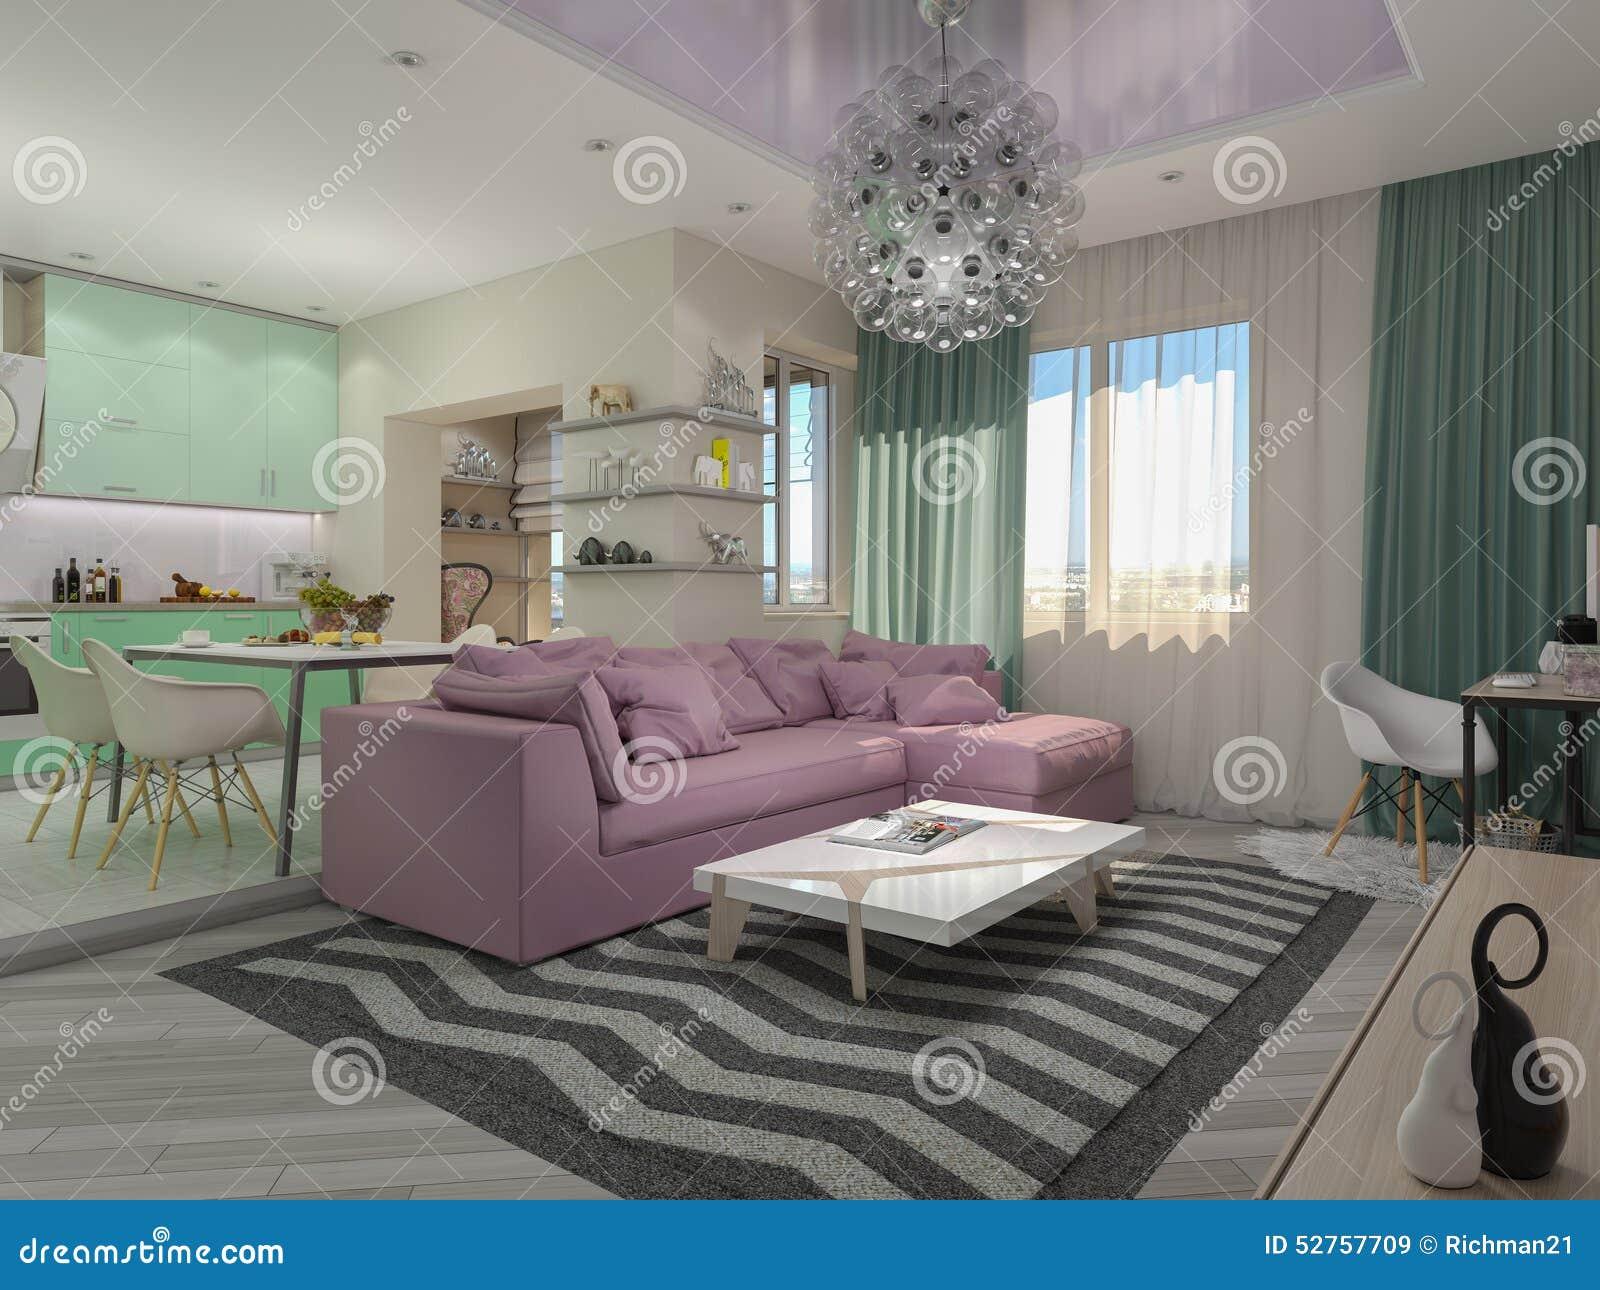 Ljus vardagsrum i vita och pastellfärgade färger arkivfoto   bild ...